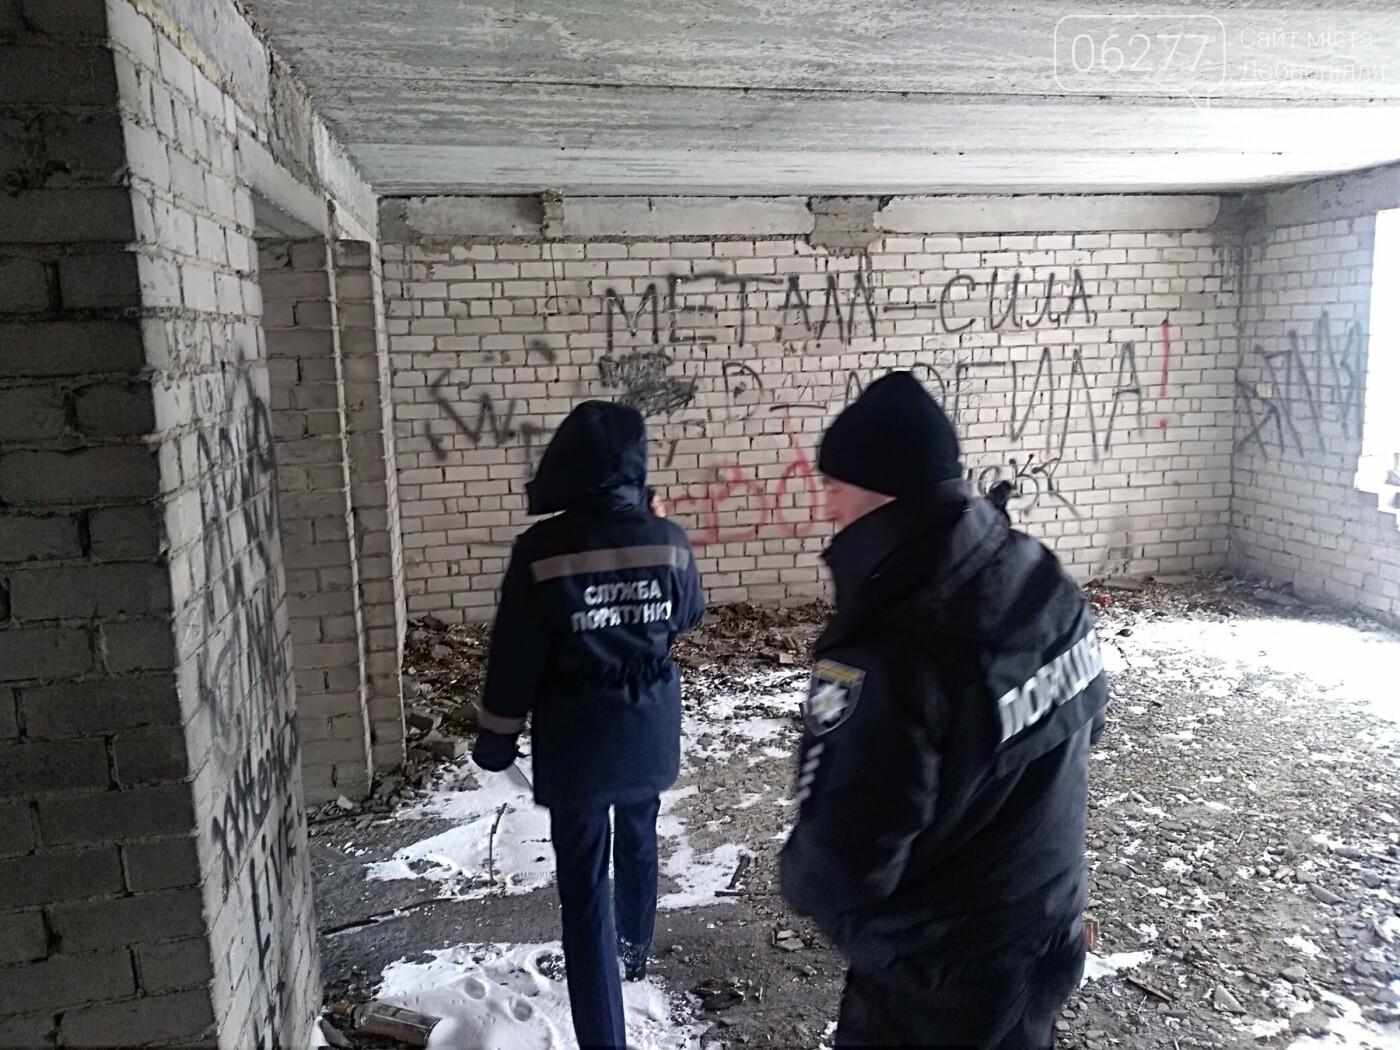 Рятувальники Добропілля спільно з поліцією провели рейд по покинутим будівлям, фото-4